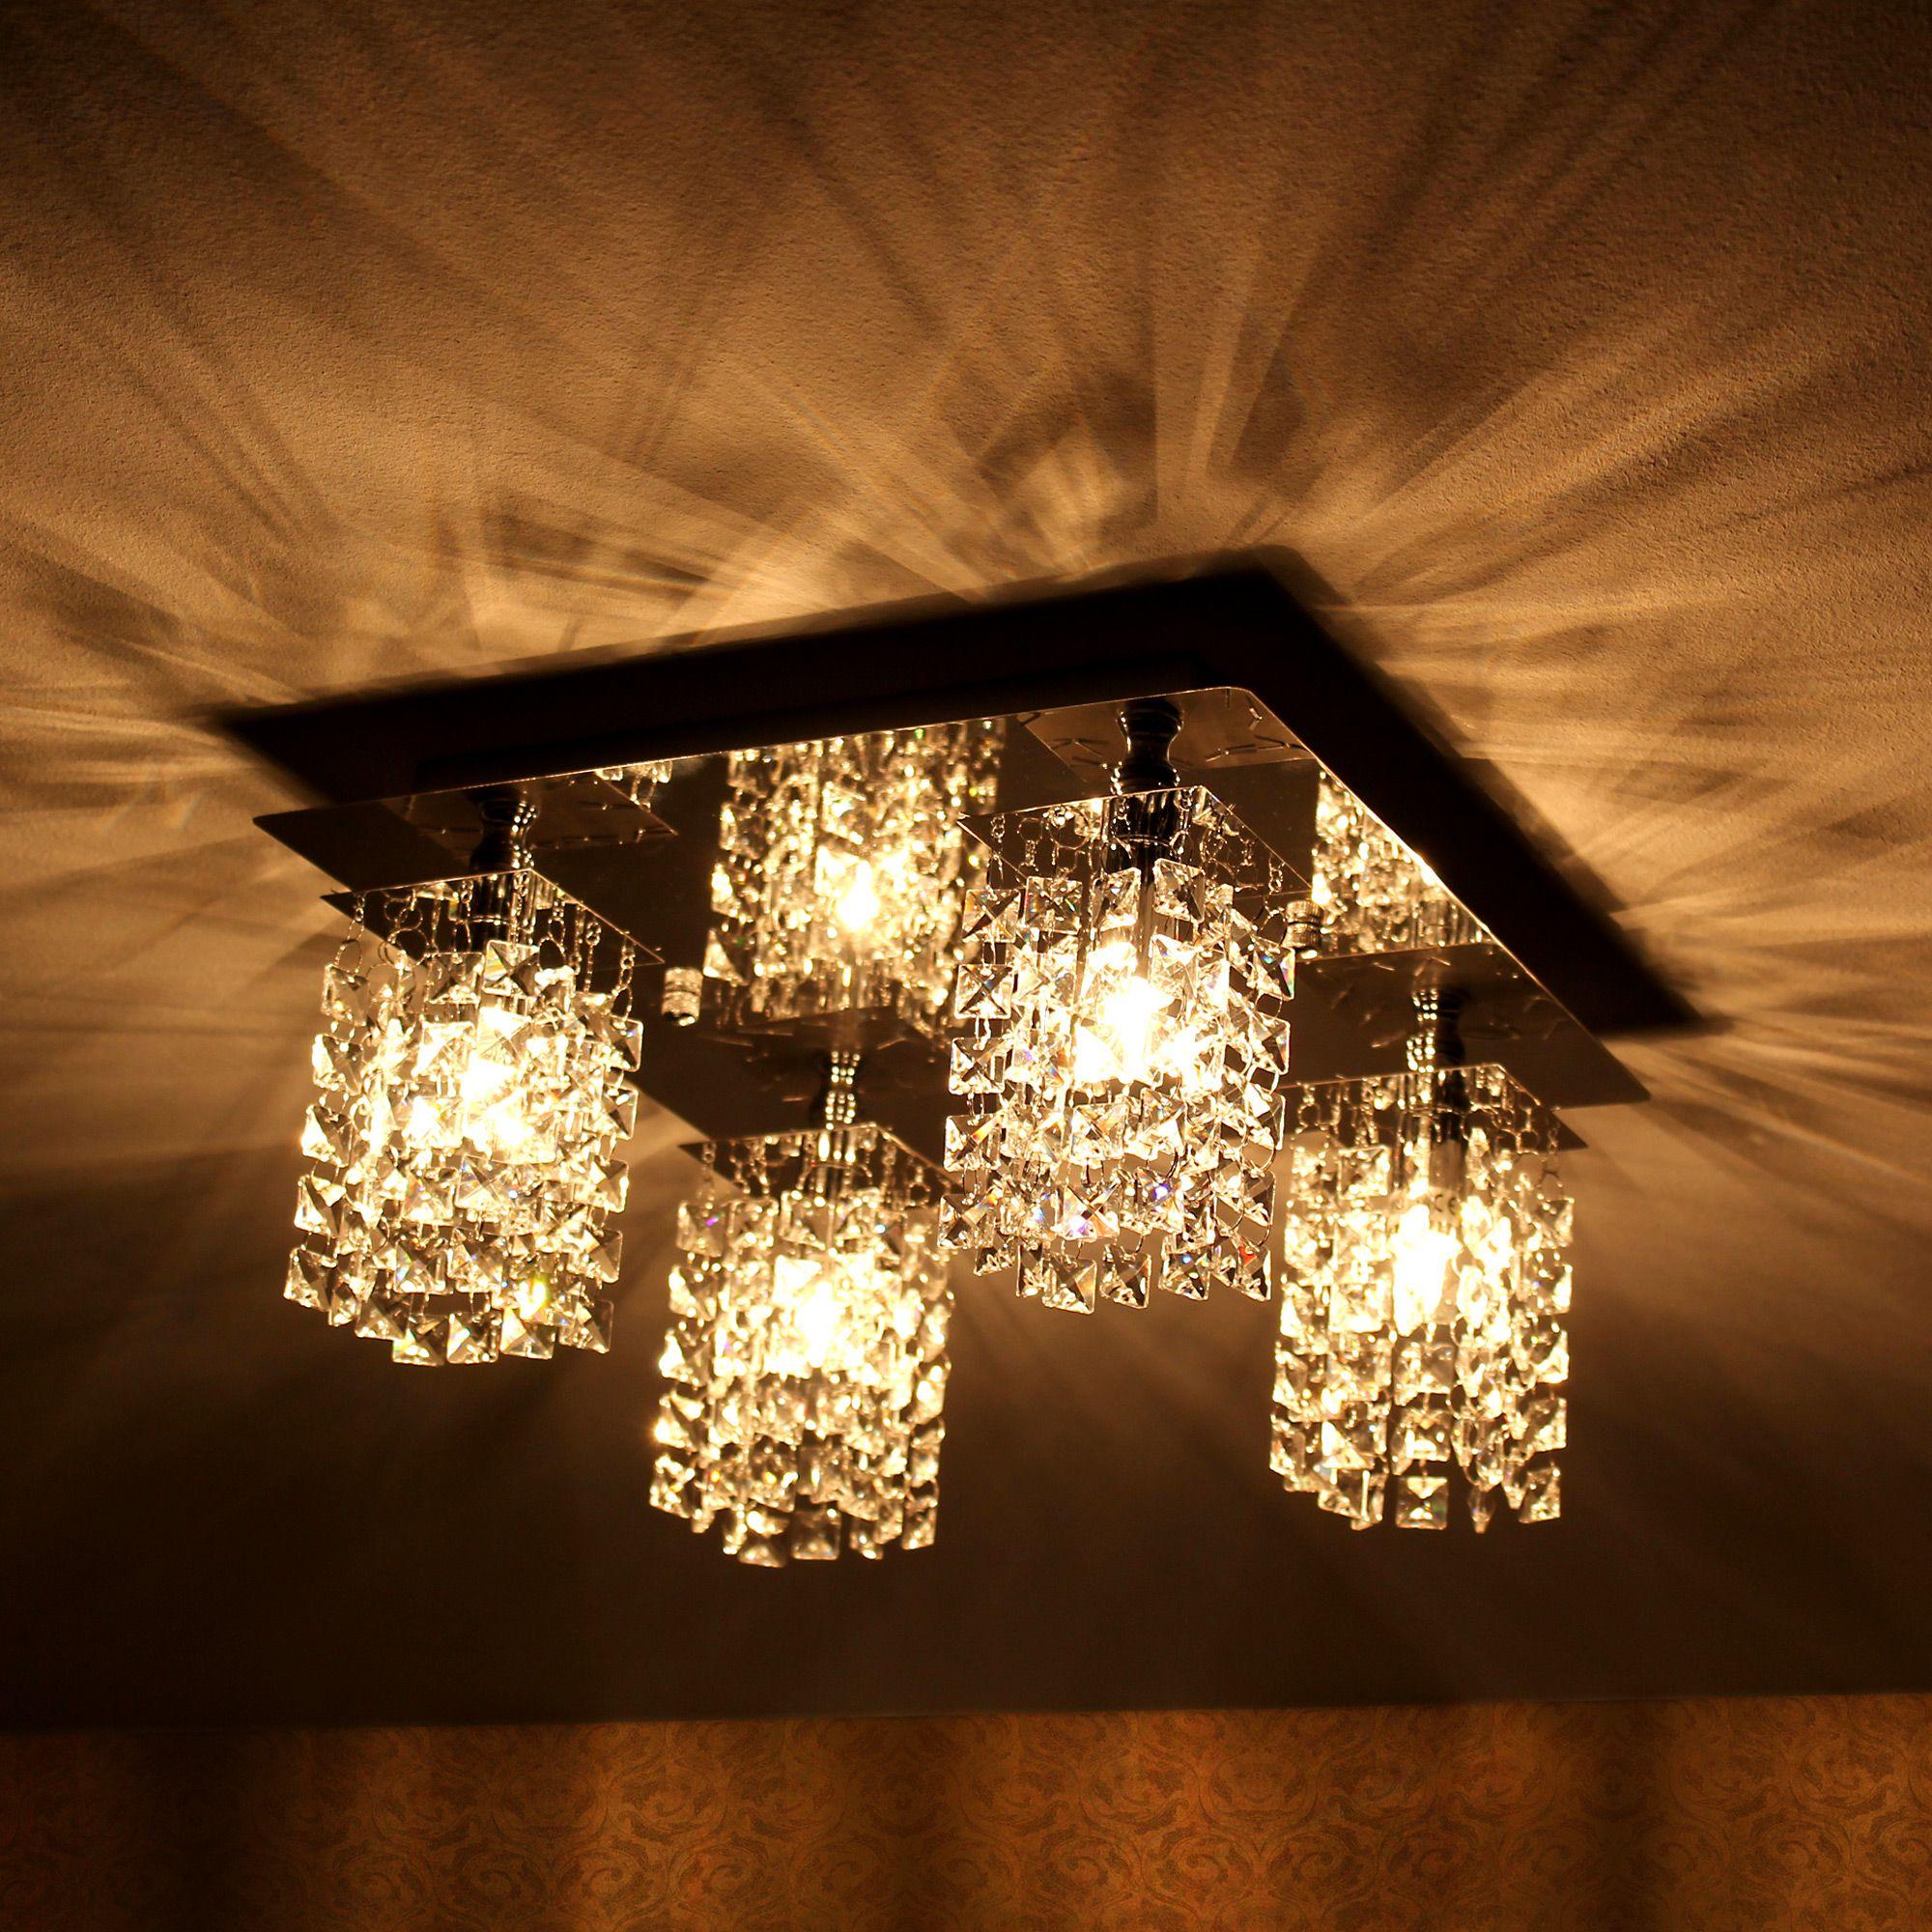 Deckenleuchte decken lampe leuchte mesh for Deckenleuchte lampe